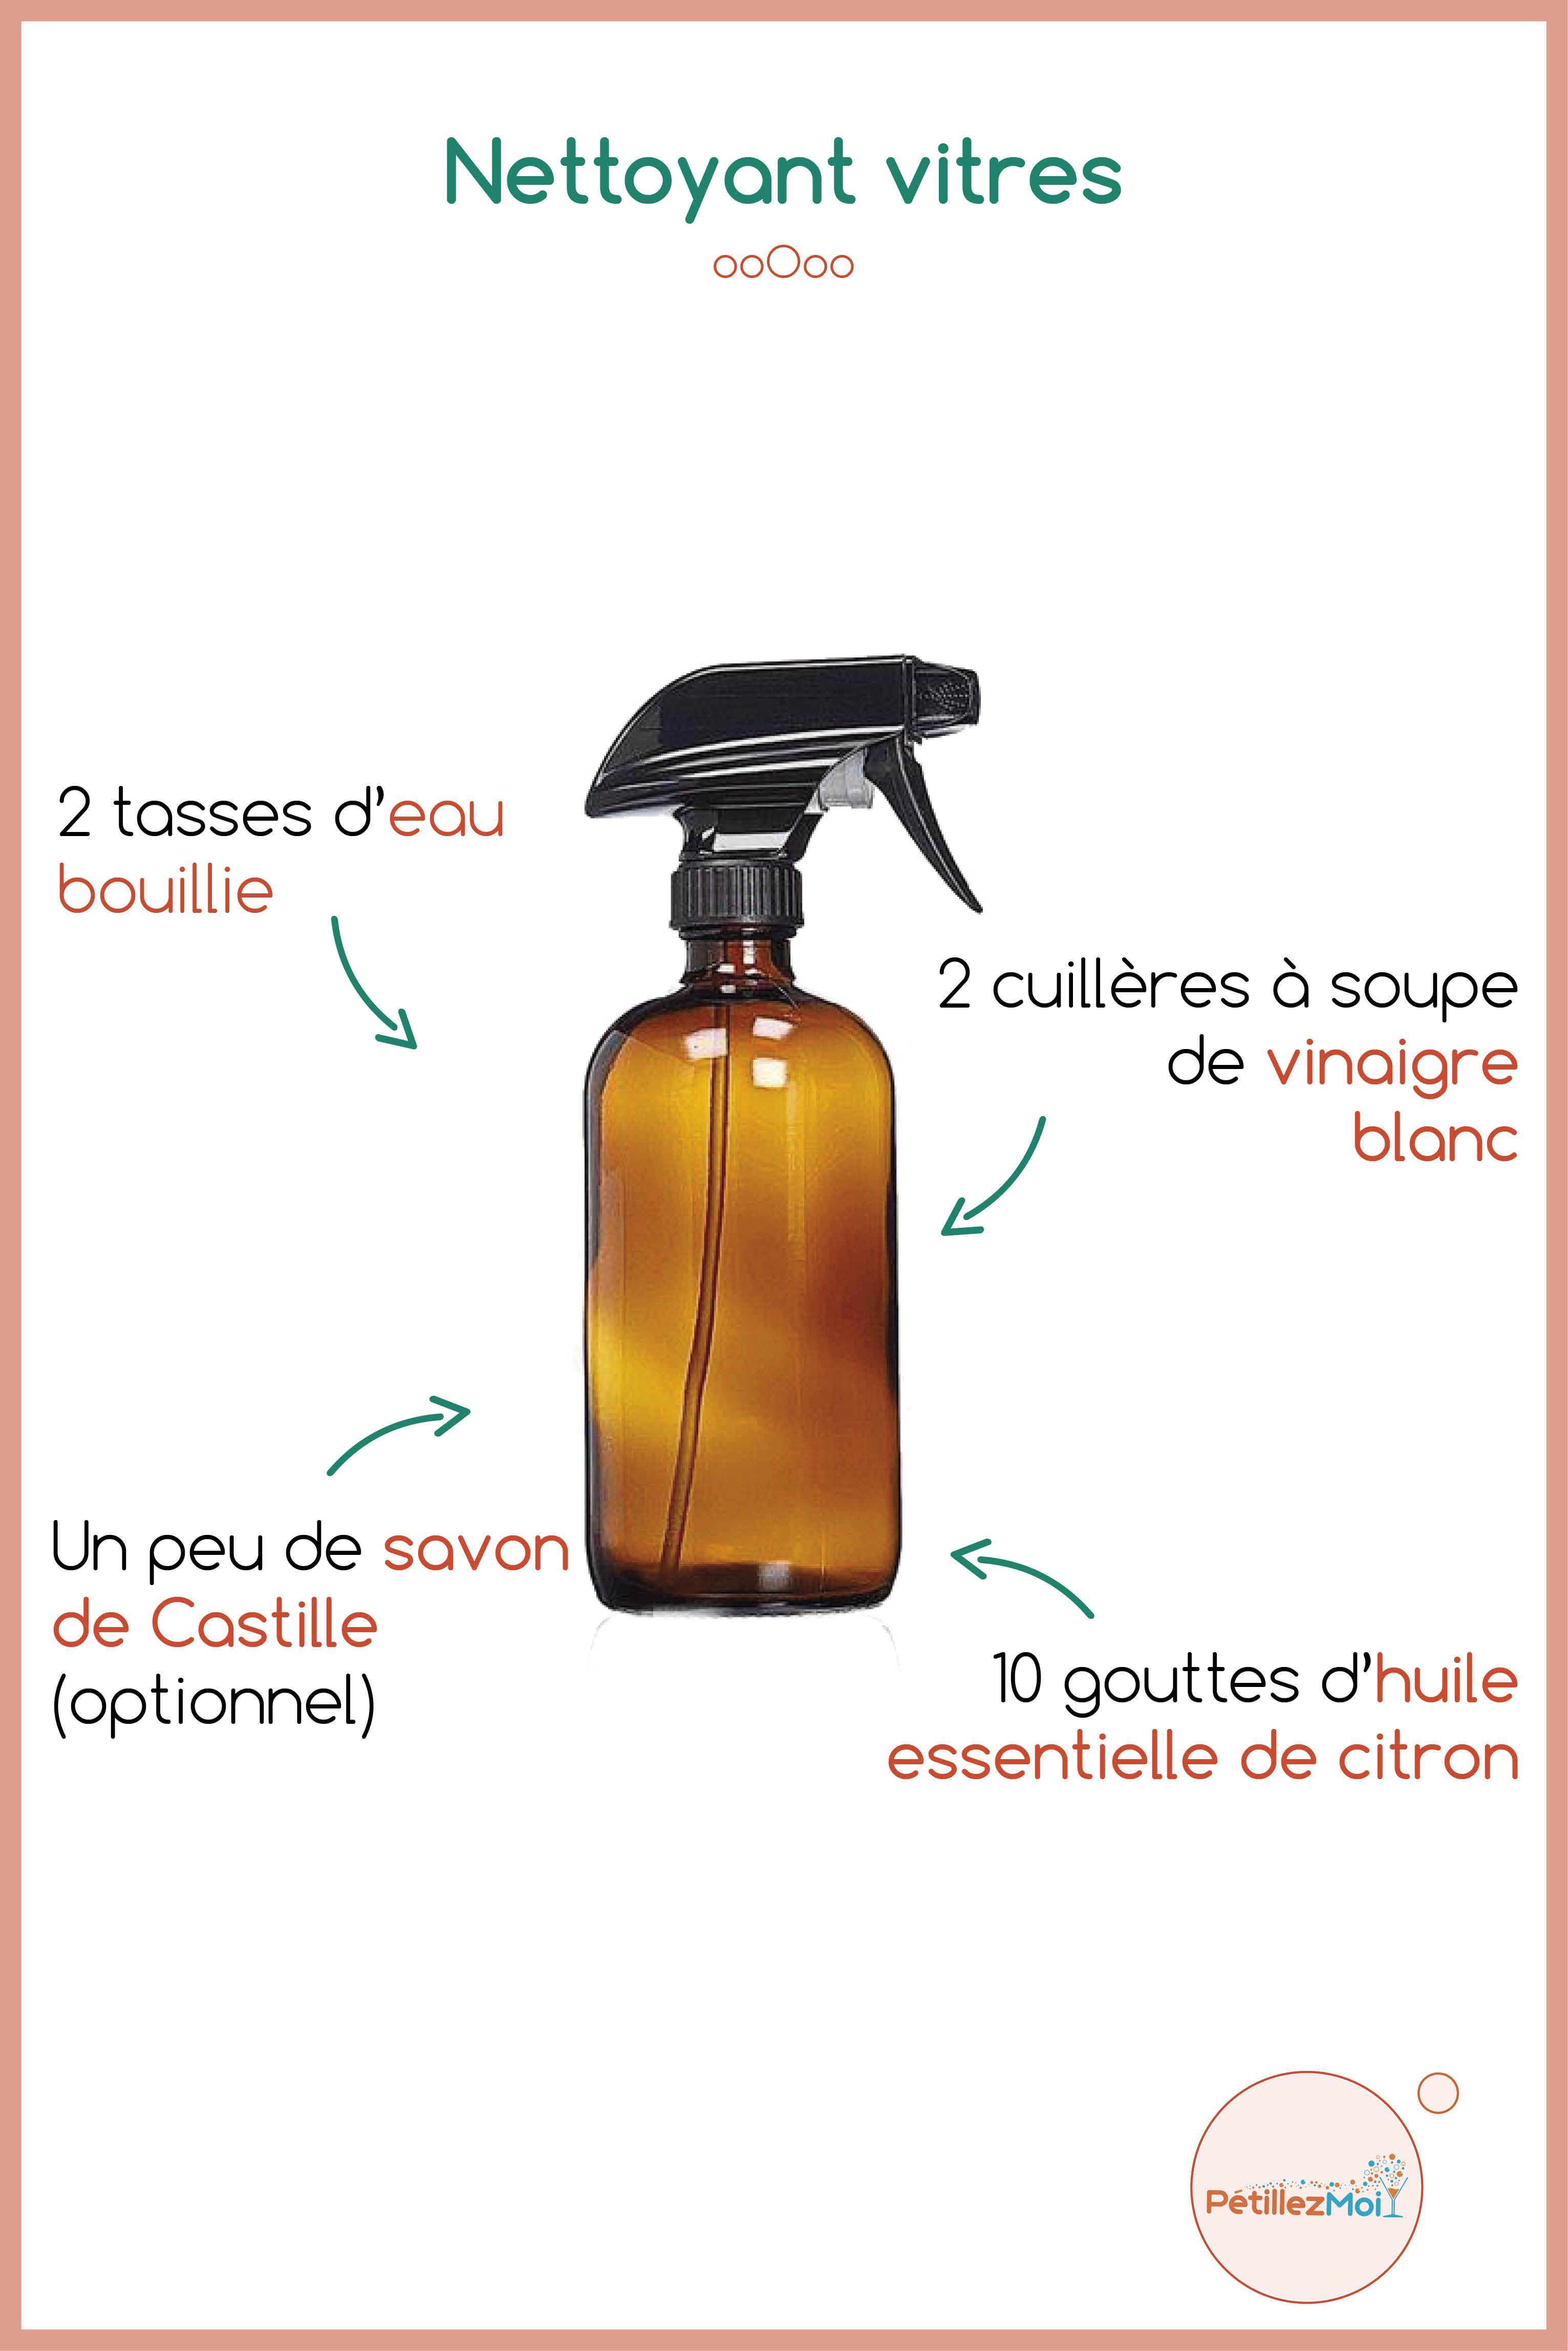 Rangement Des Produits D Entretien produits d'entretien pour la maison :10 recettes naturelles